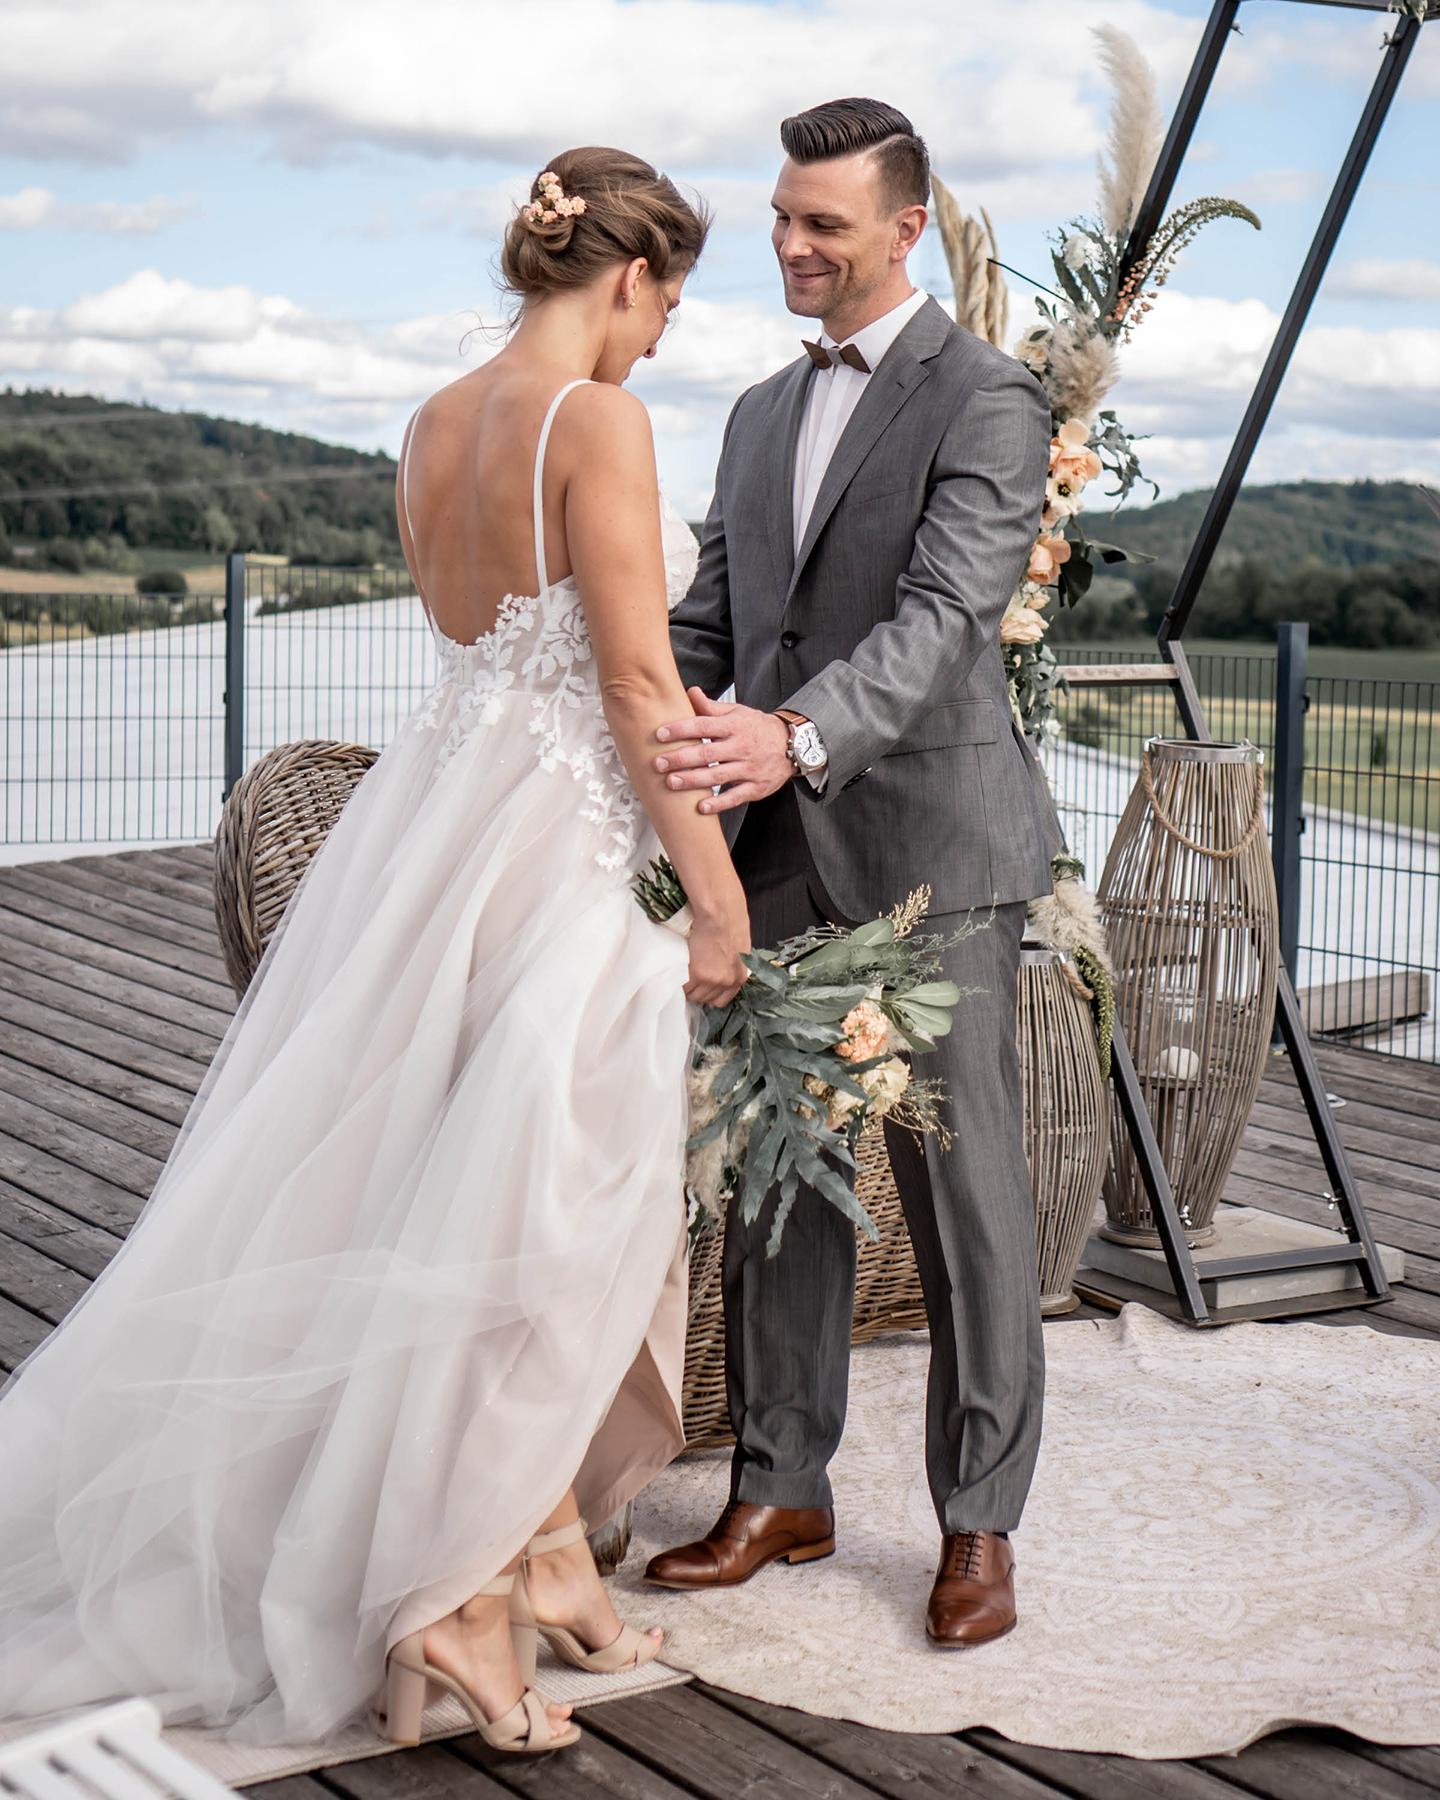 Braut und Bräutigam lassen sich im Freien trauen.